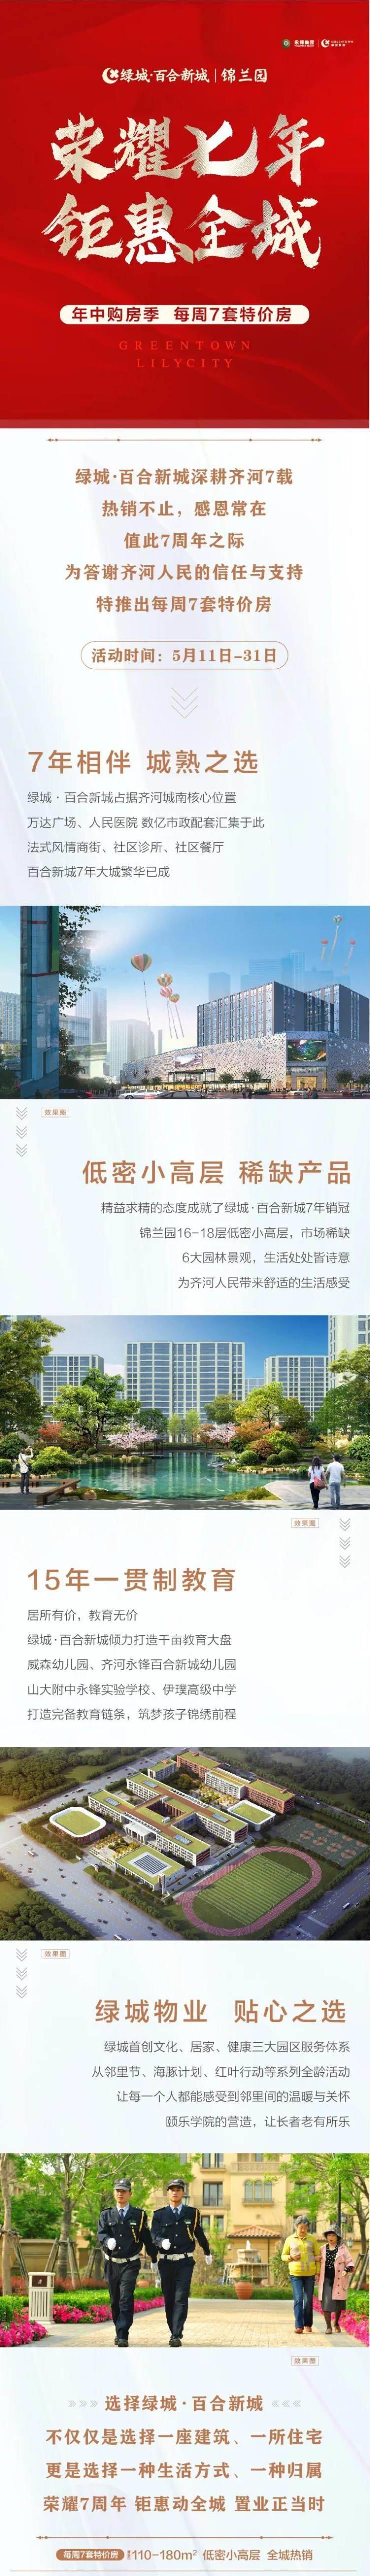 绿城百合新城荣耀7年,钜惠每周7套特价房,限时争藏!